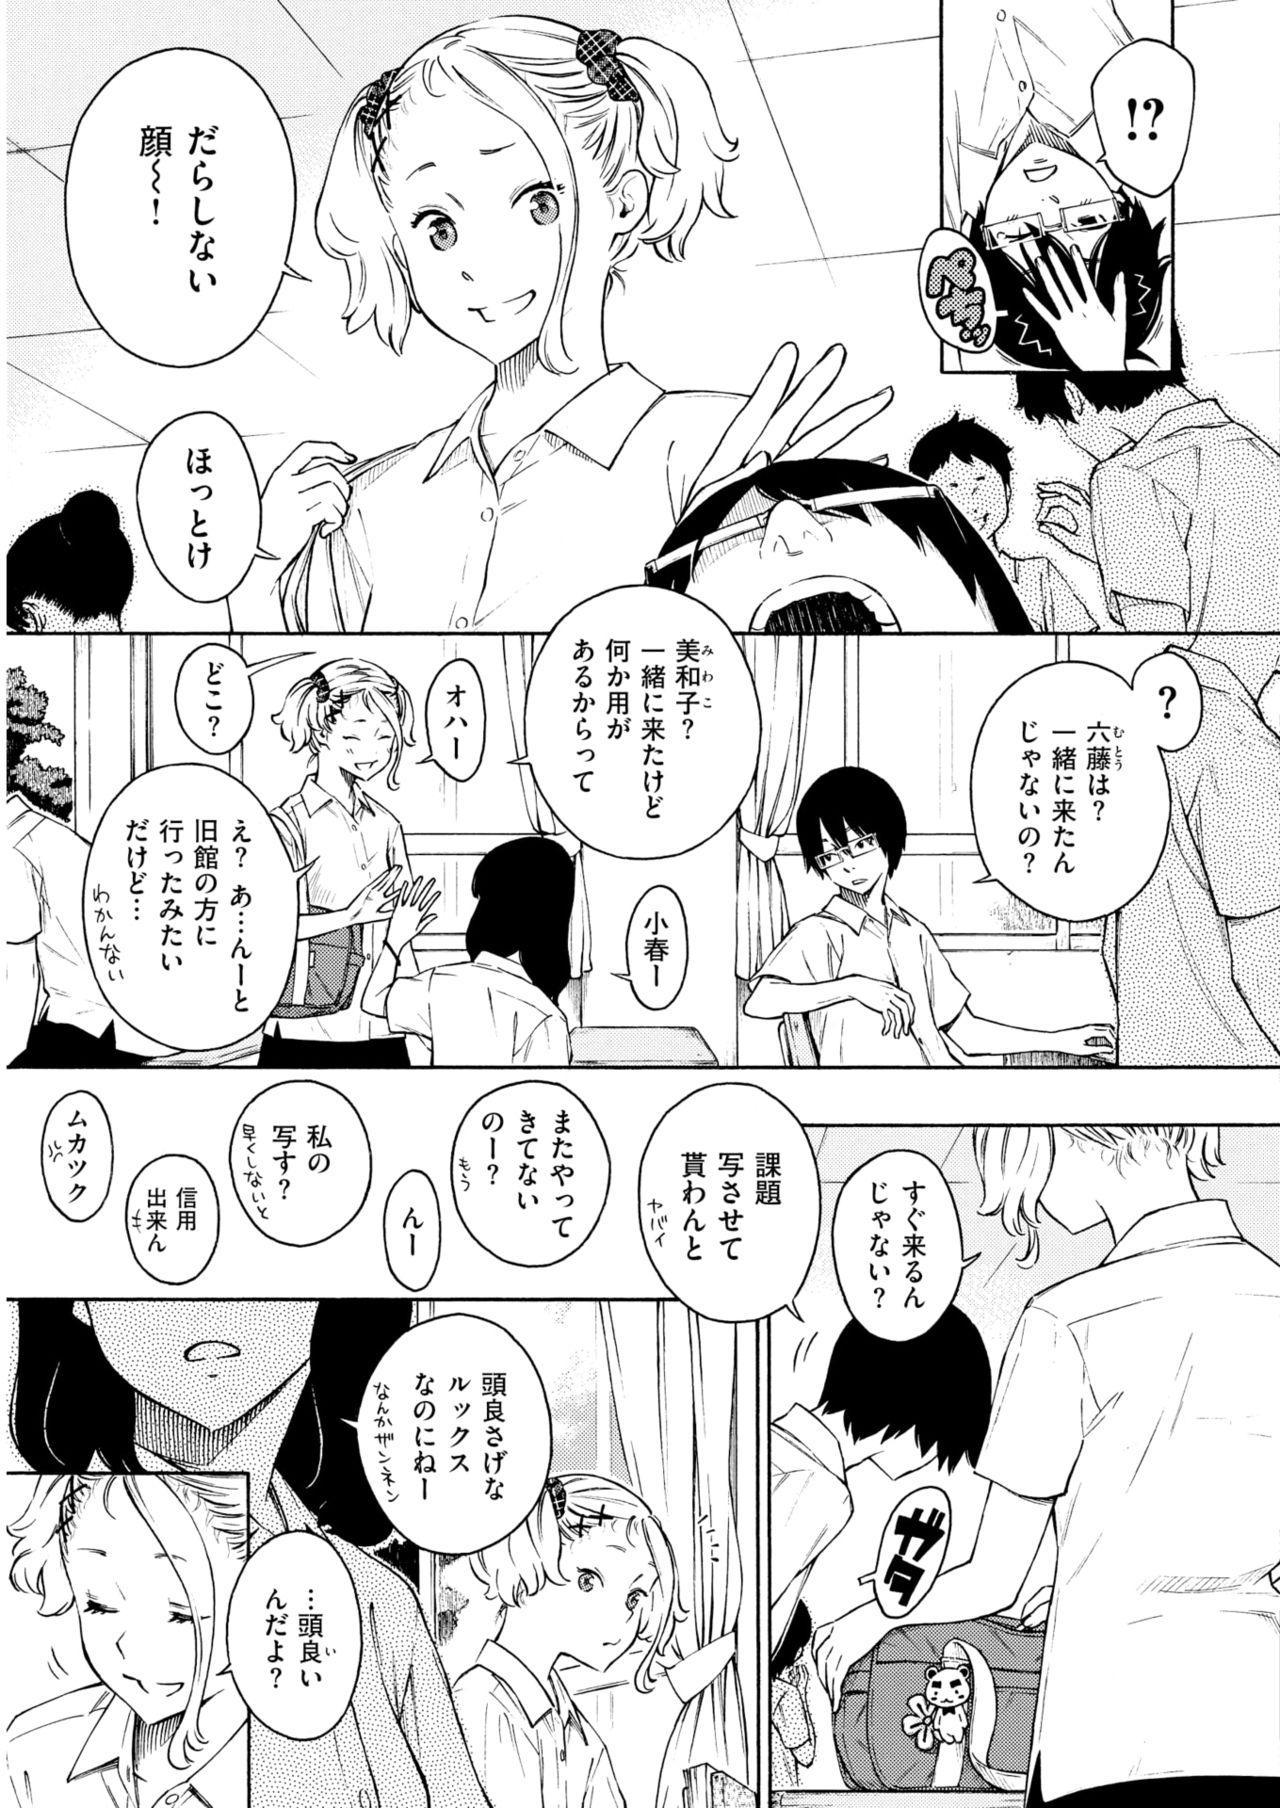 COMIC Kairakuten 25 Shuunen kinen tokubetsugou 333